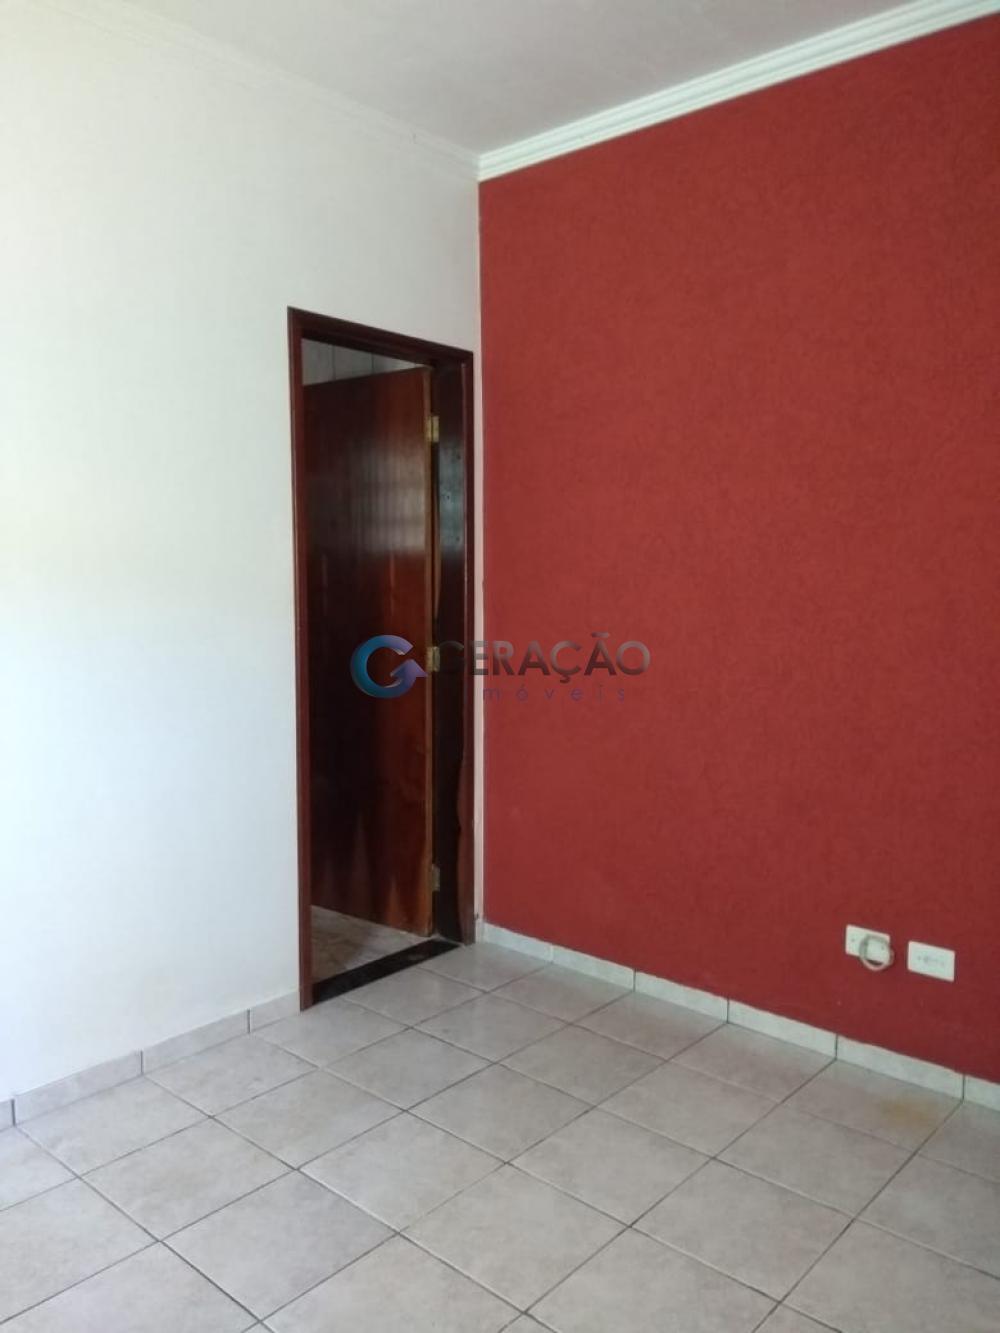 Comprar Casa / Padrão em São José dos Campos apenas R$ 215.000,00 - Foto 11